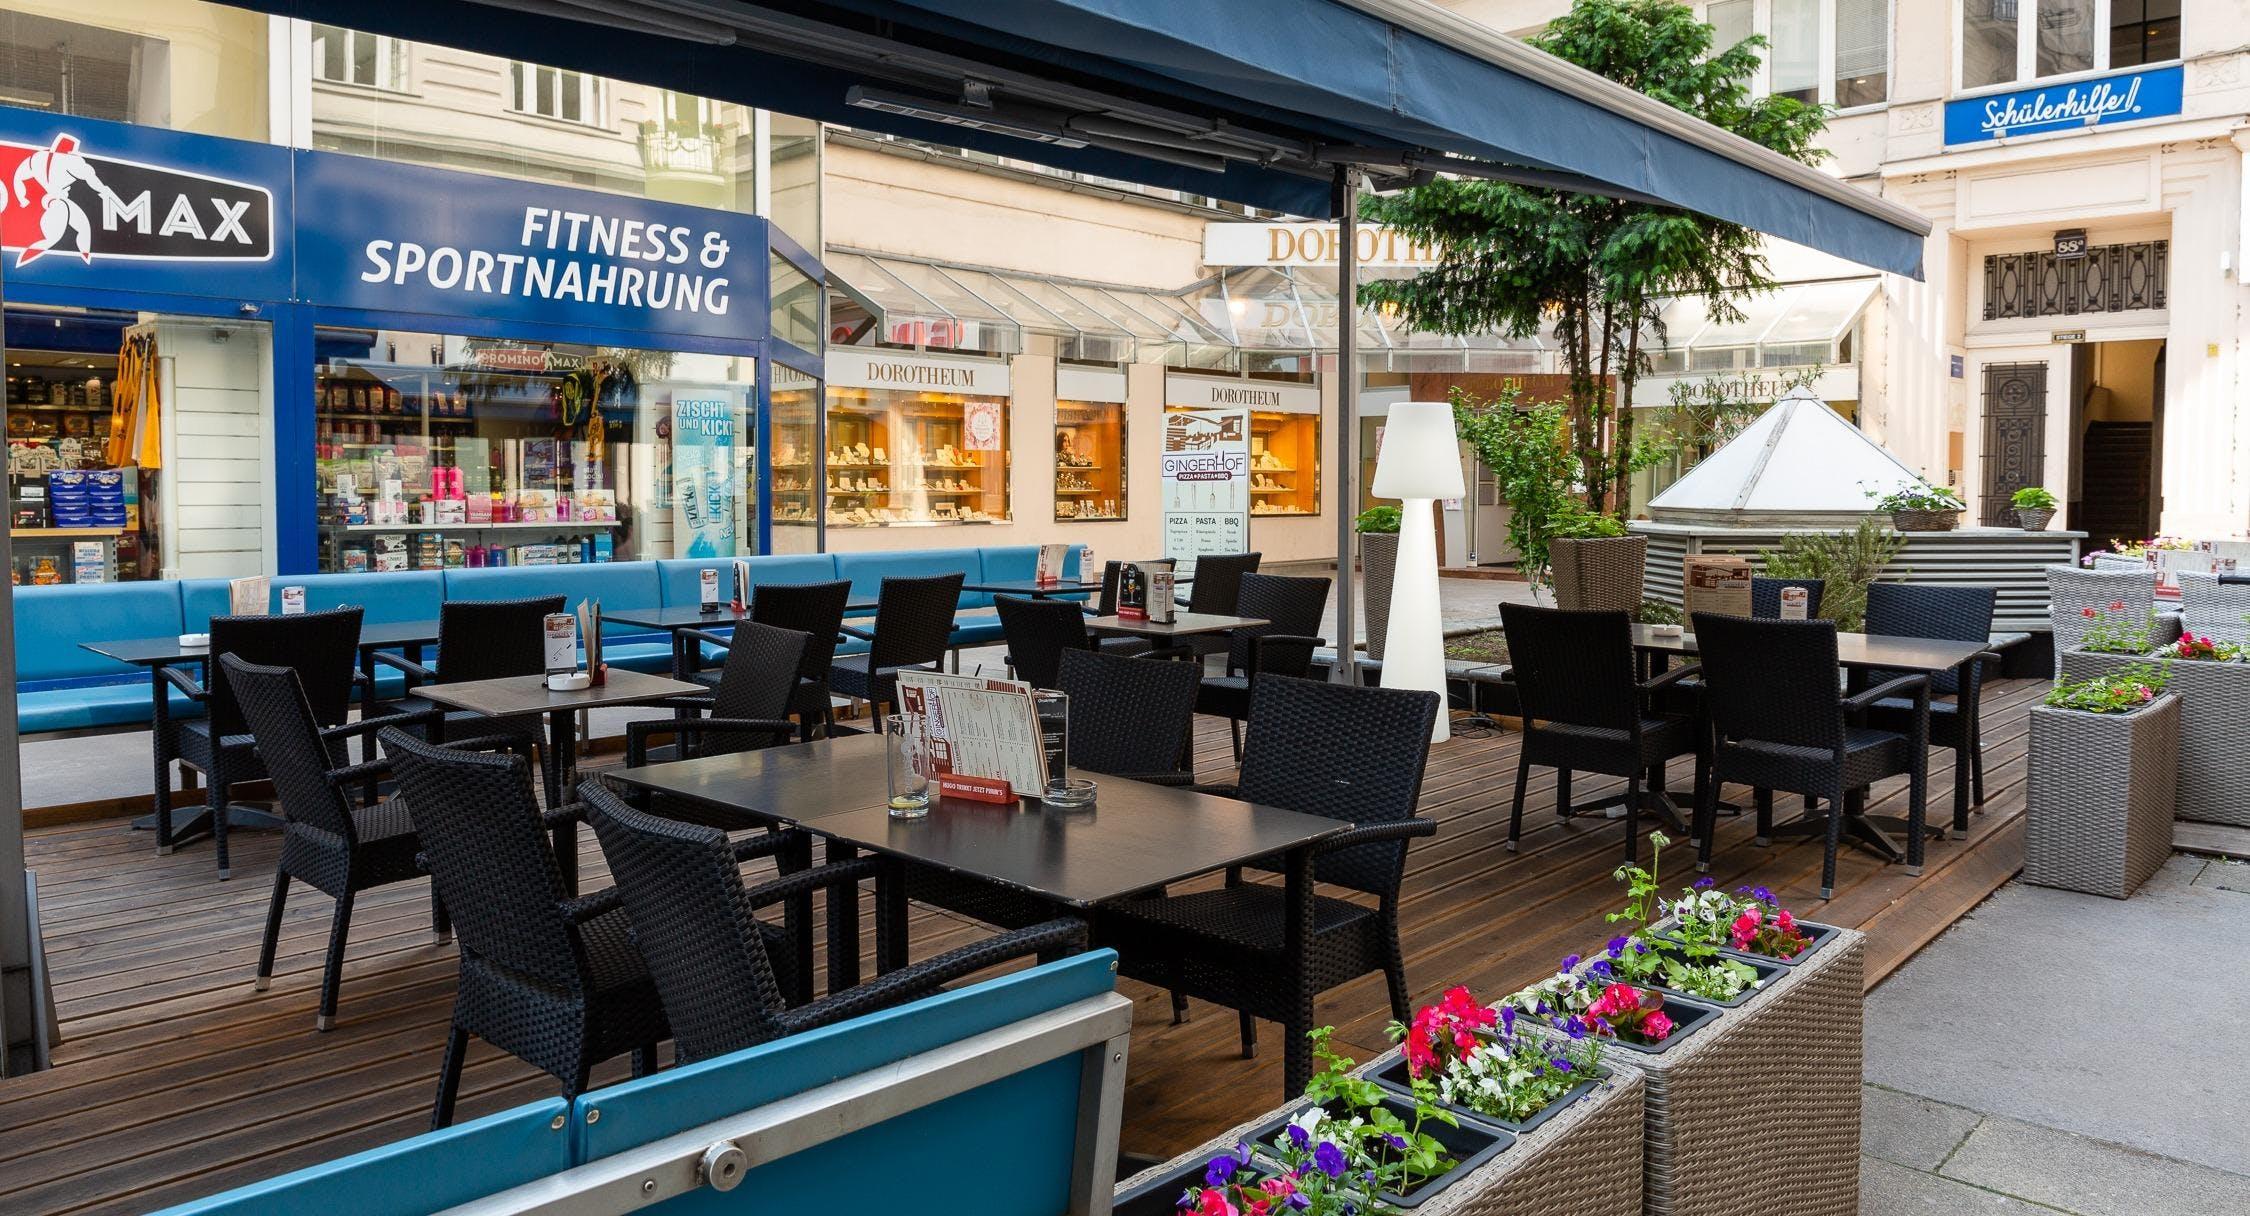 Gingerhof Wien image 1